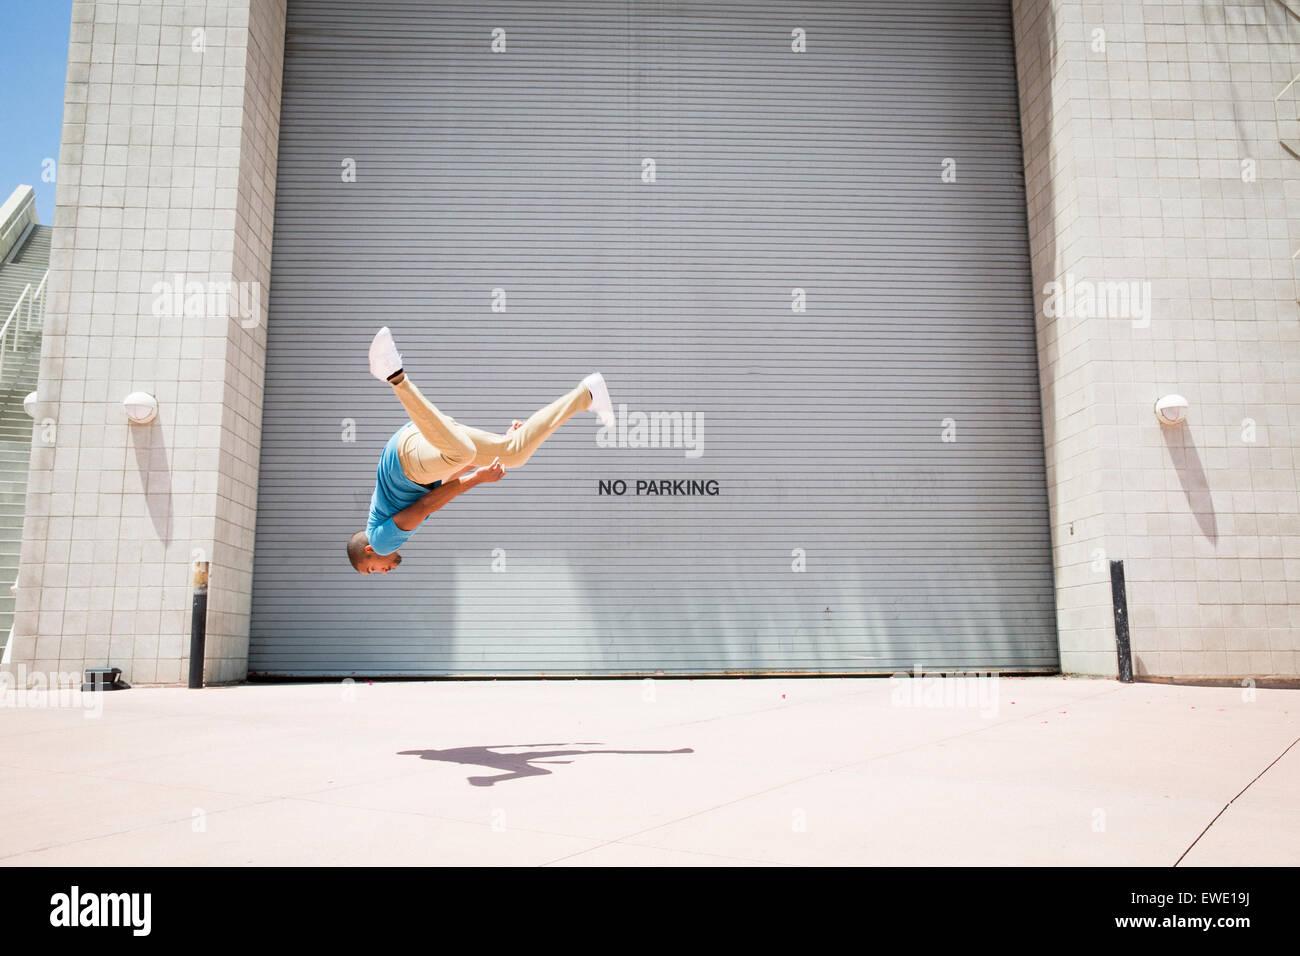 Giovane uomo somersaulting sulla strada ostacolo corso parkour free running Immagini Stock